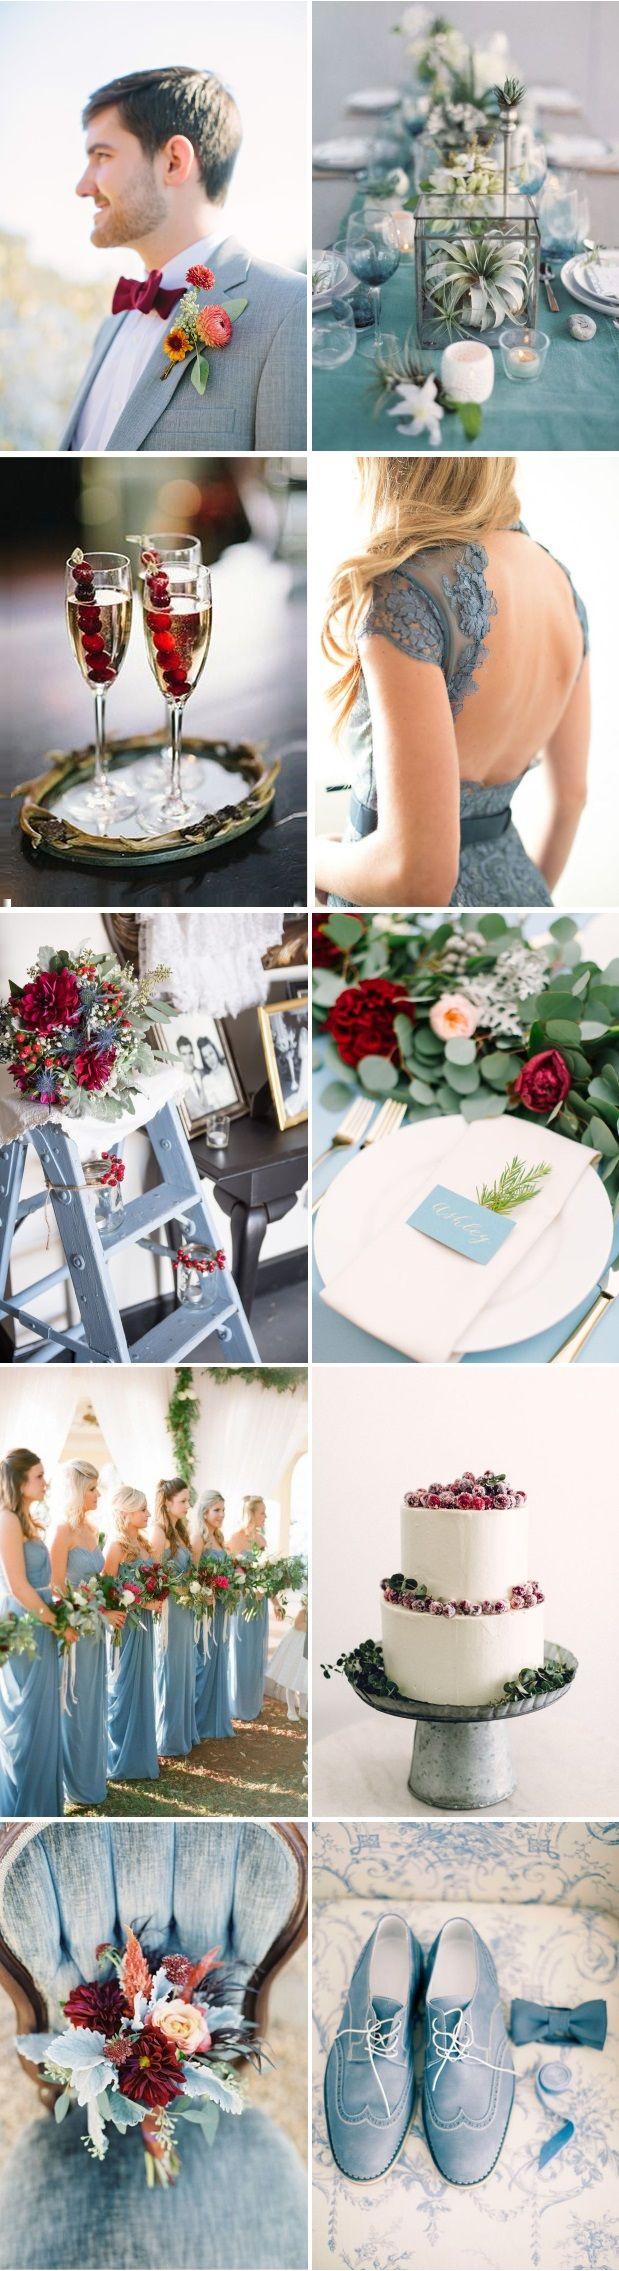 November wedding decoration ideas  dustybluecranberryautumnweddingcolourpalette  Future Wedding